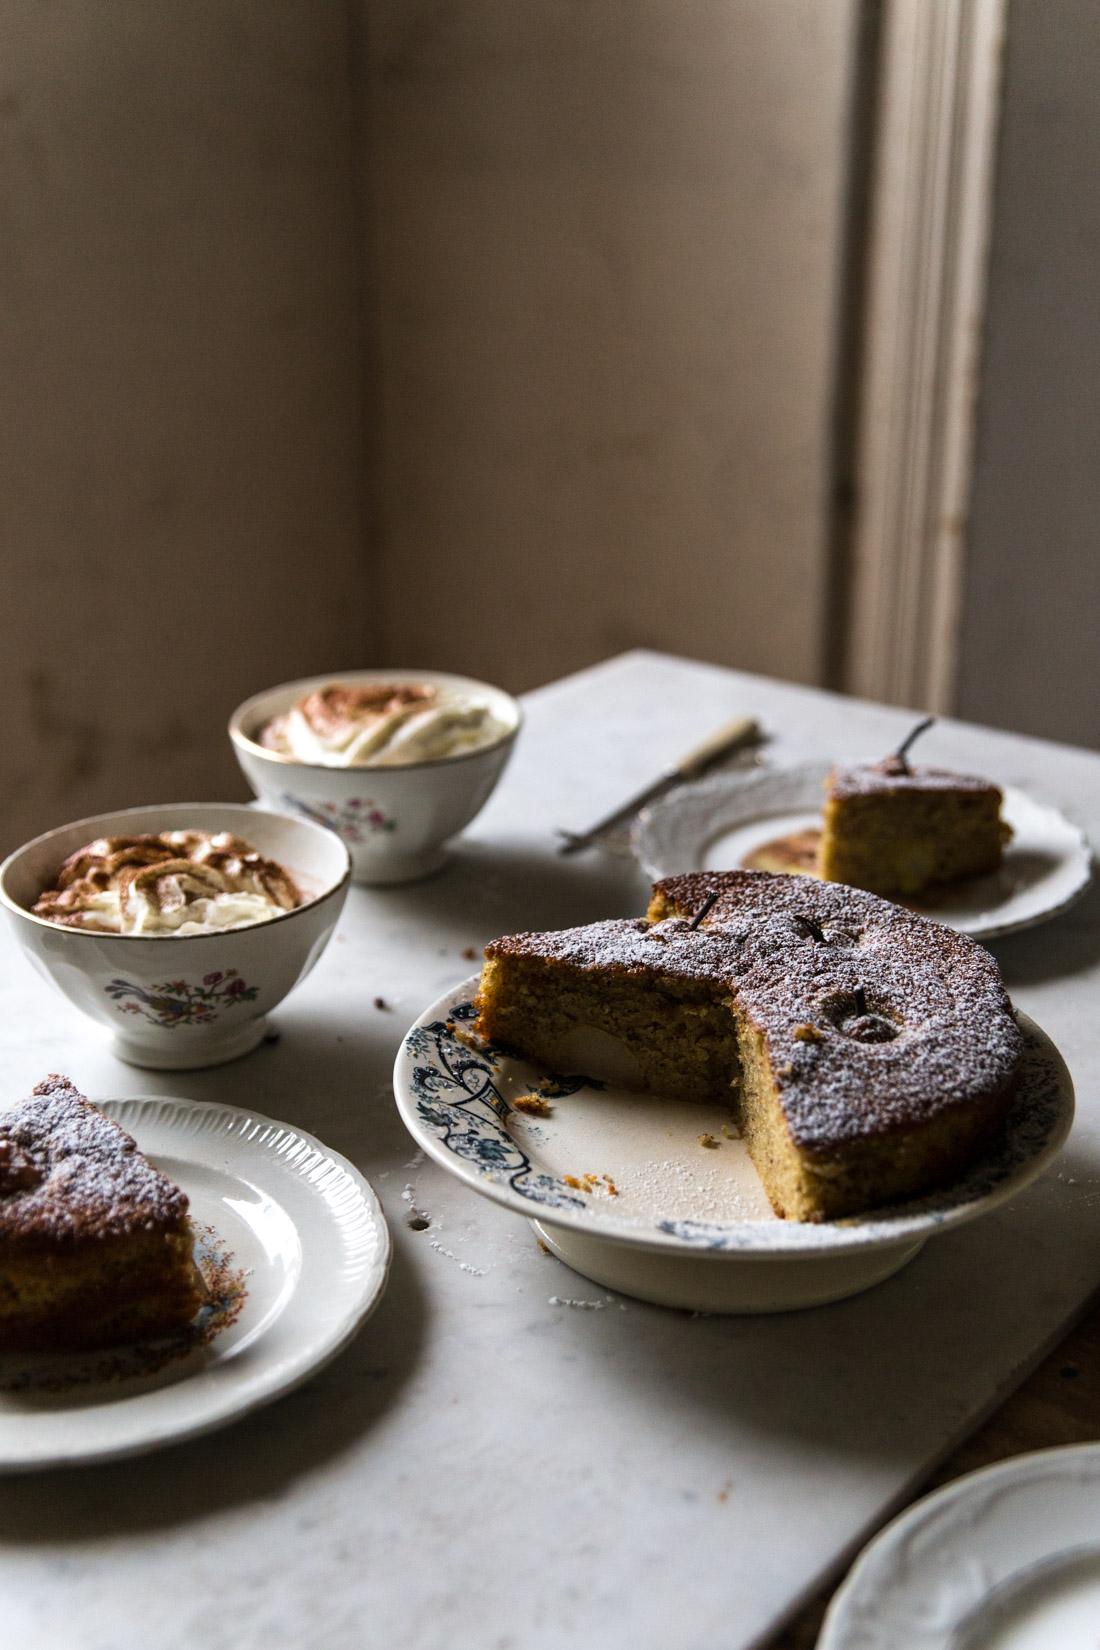 gateau-aux-poires-et-huile-dolive-ophelie-lauret-ophelies-kitchen-book-17